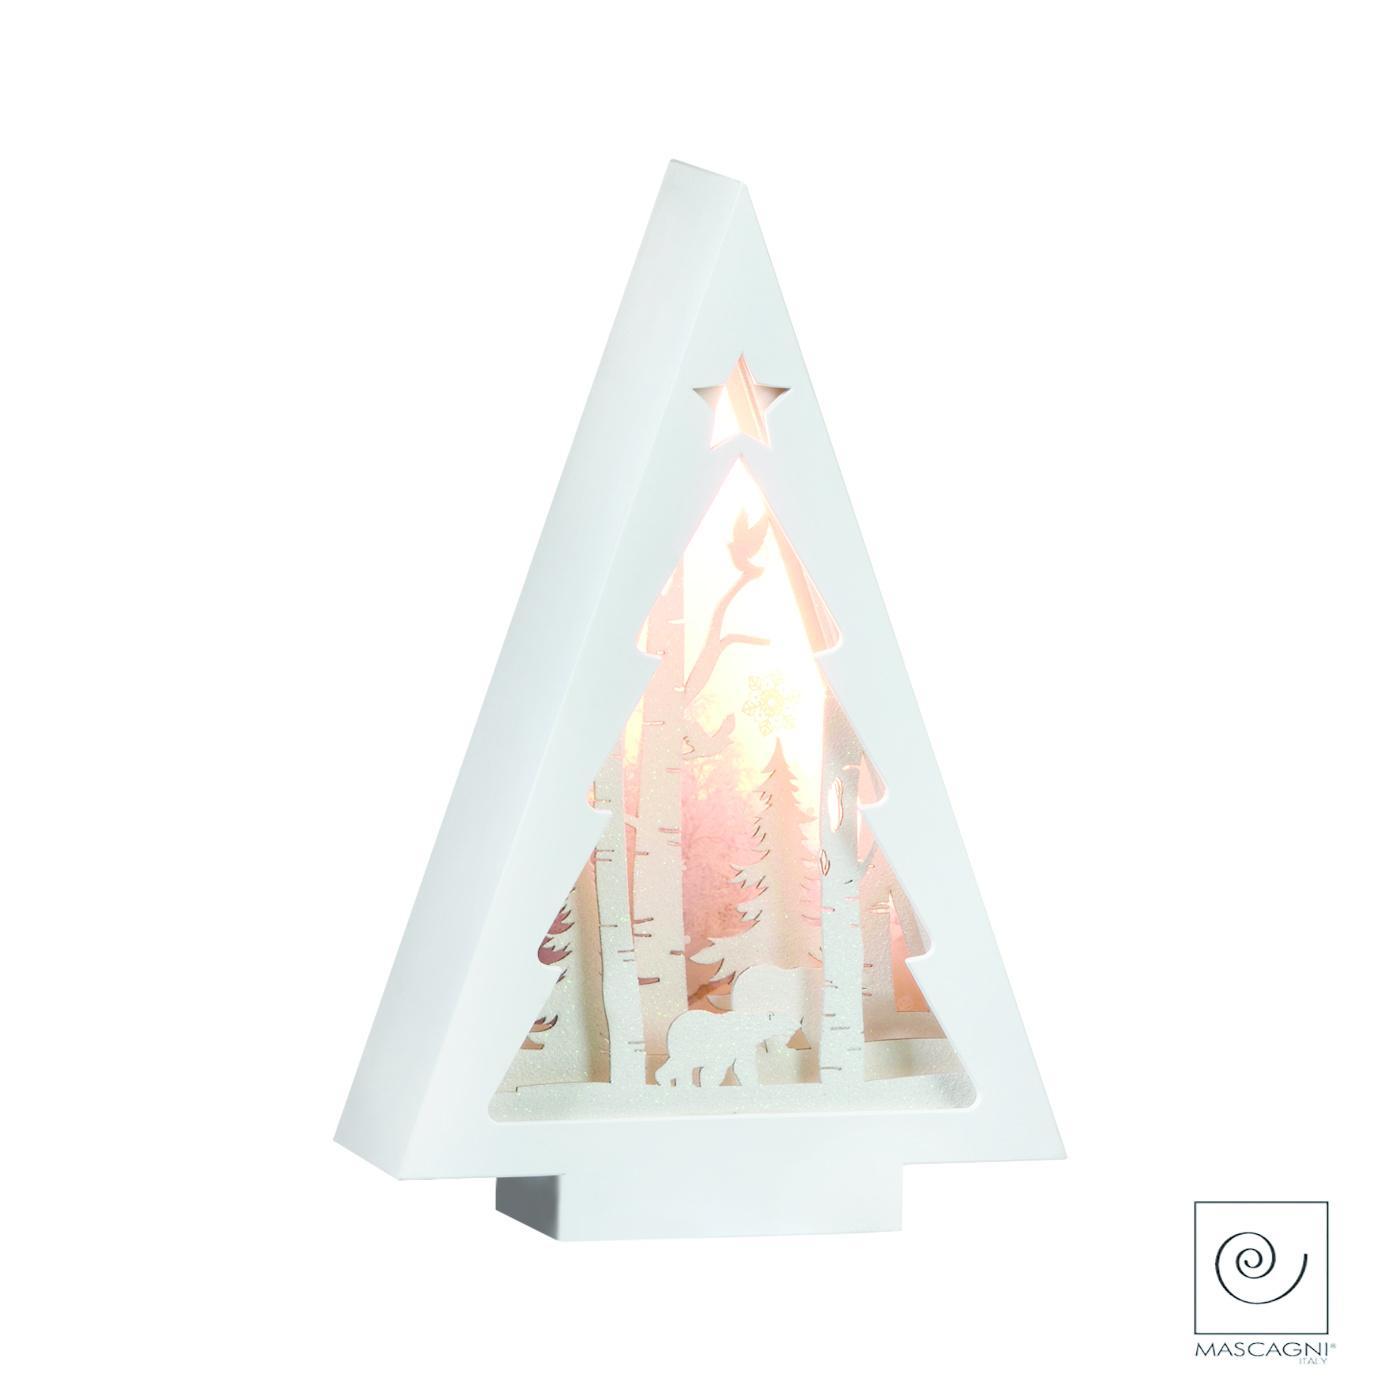 Art Mascagni LED DECORATION